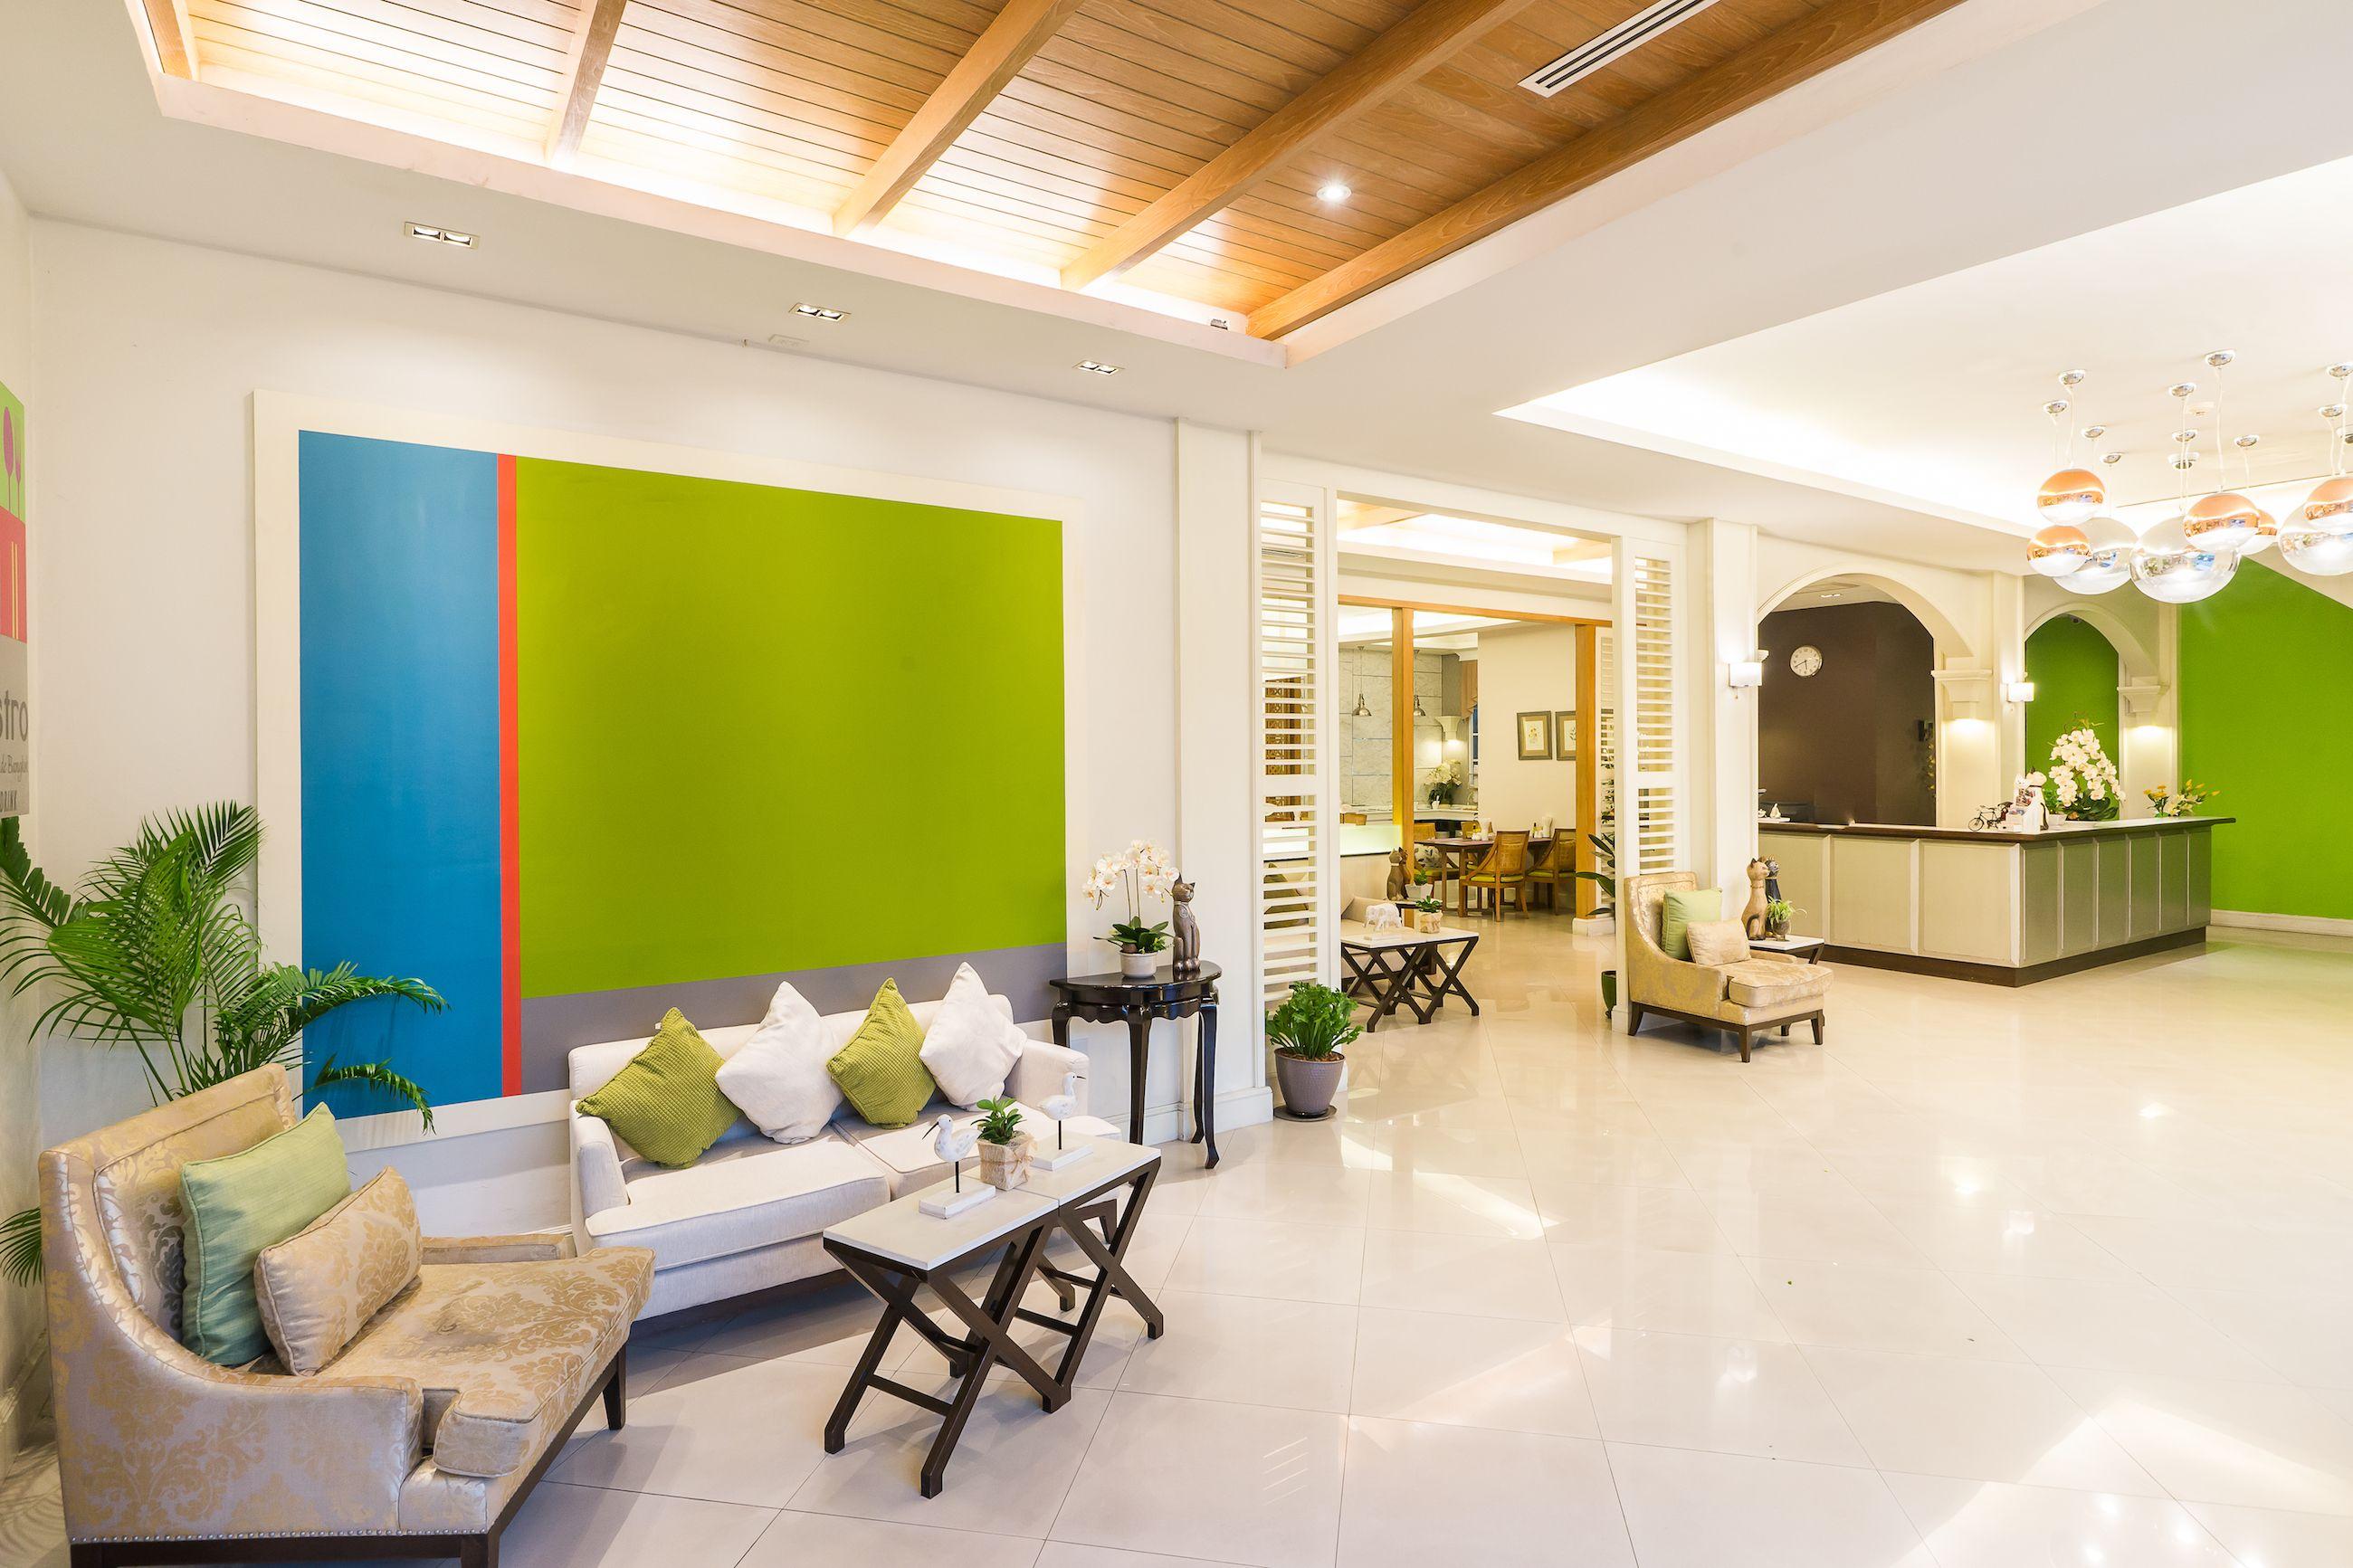 ปักพินโดย SERENATA Hotels & Resorts ใน Hotel de Bangkok